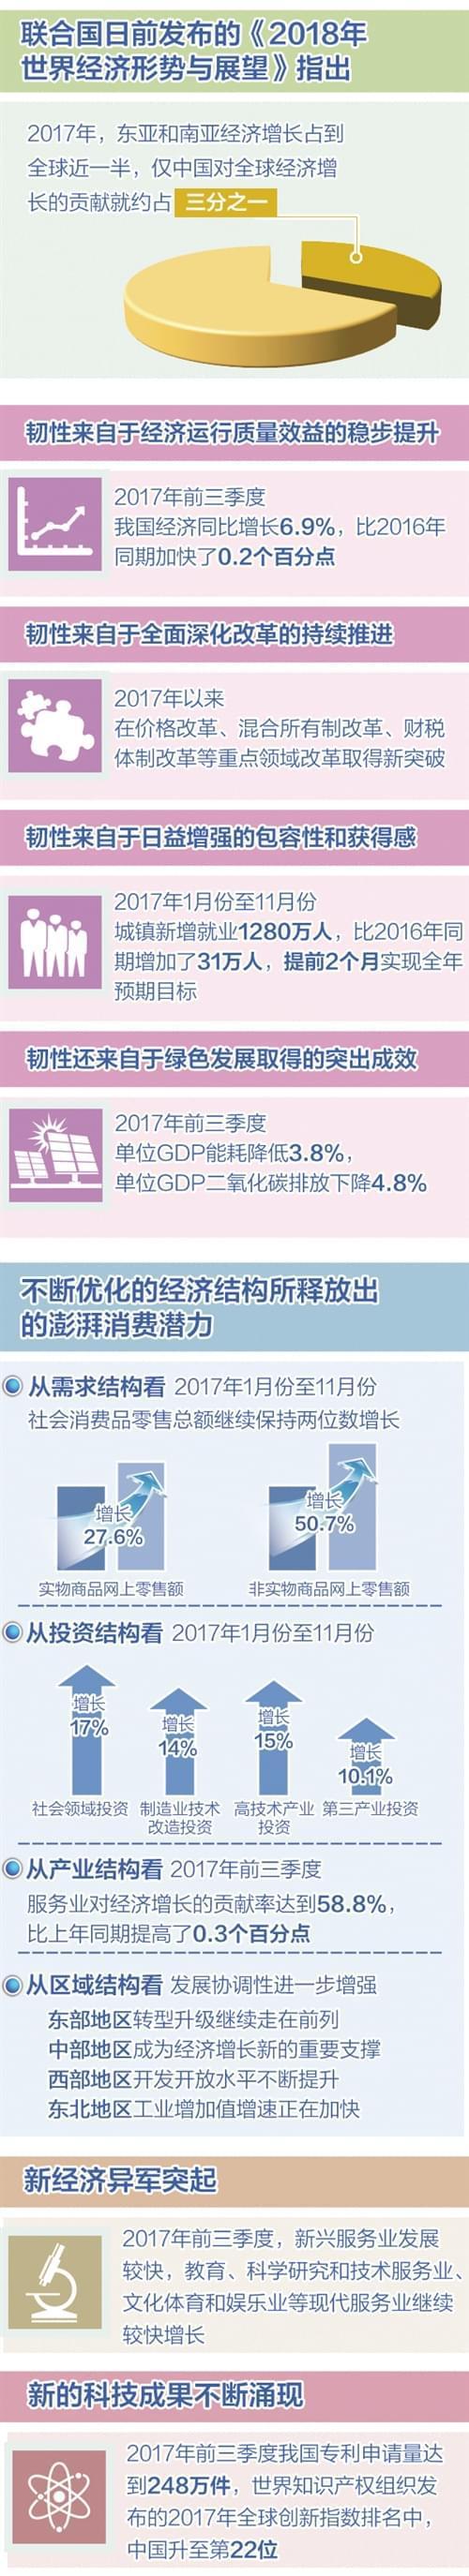 回眸2017:我国经济活力韧性持续增强